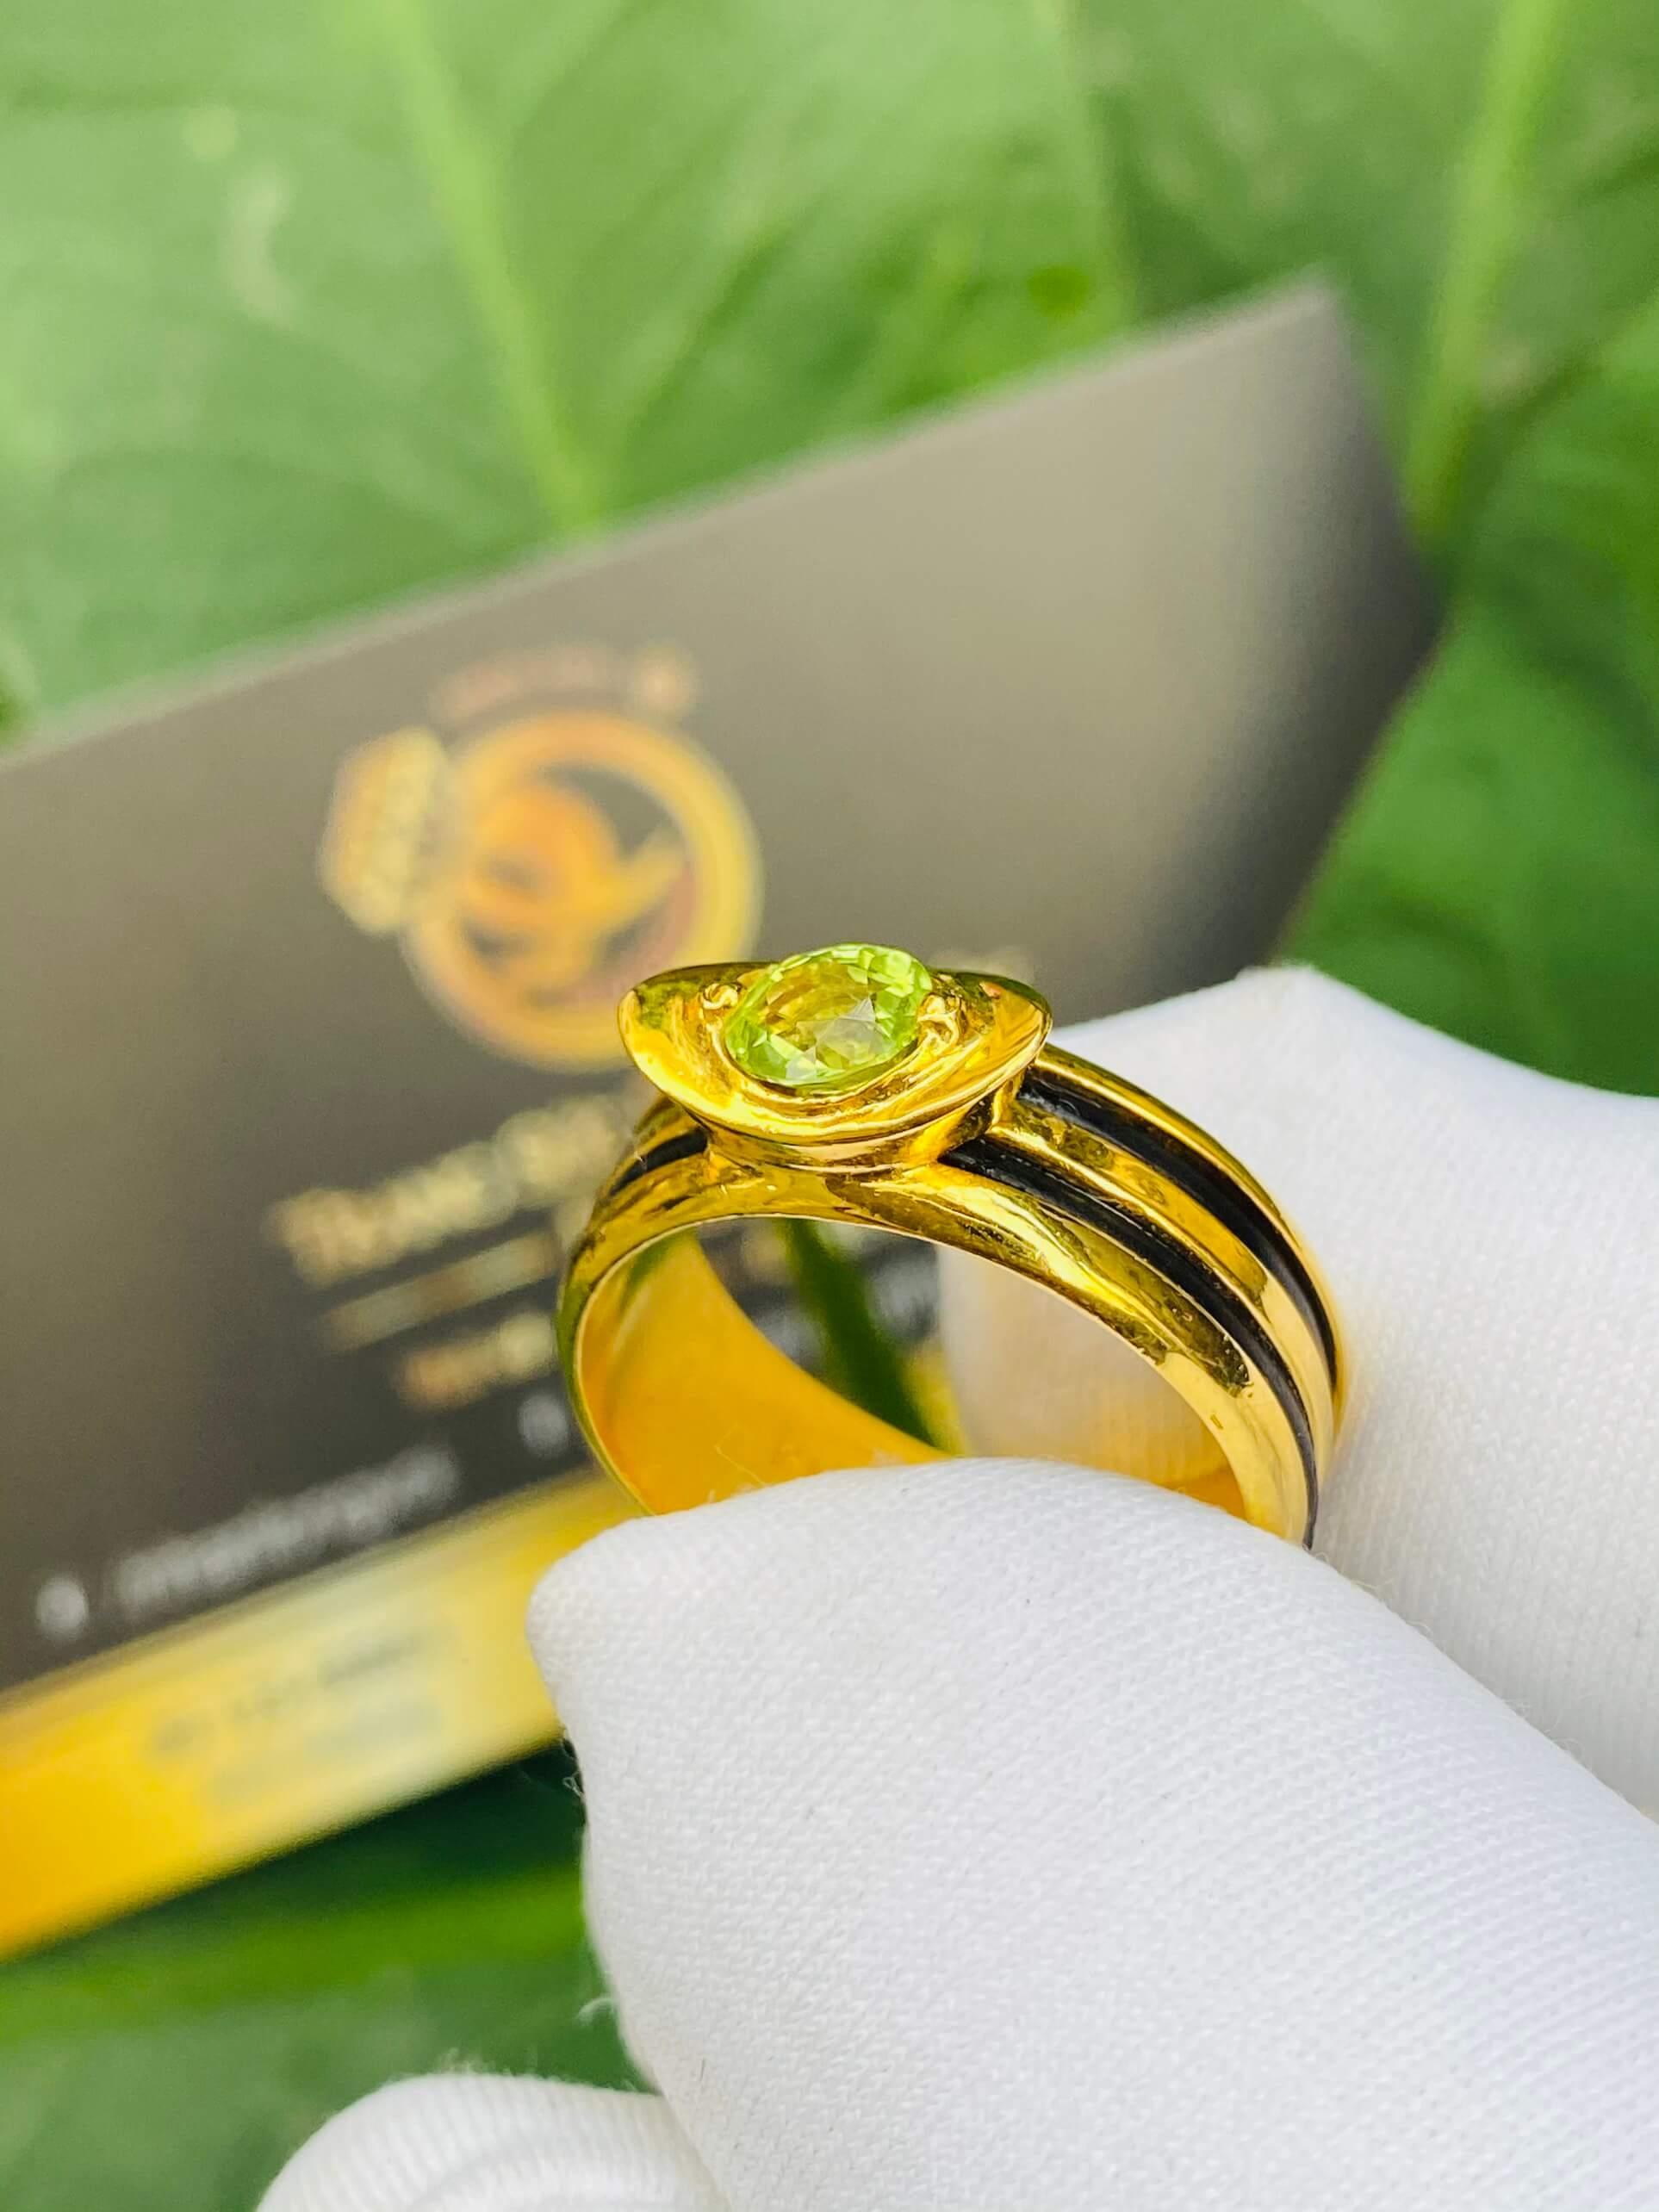 Nhẫn thỏi vàng mặt đá đẹp